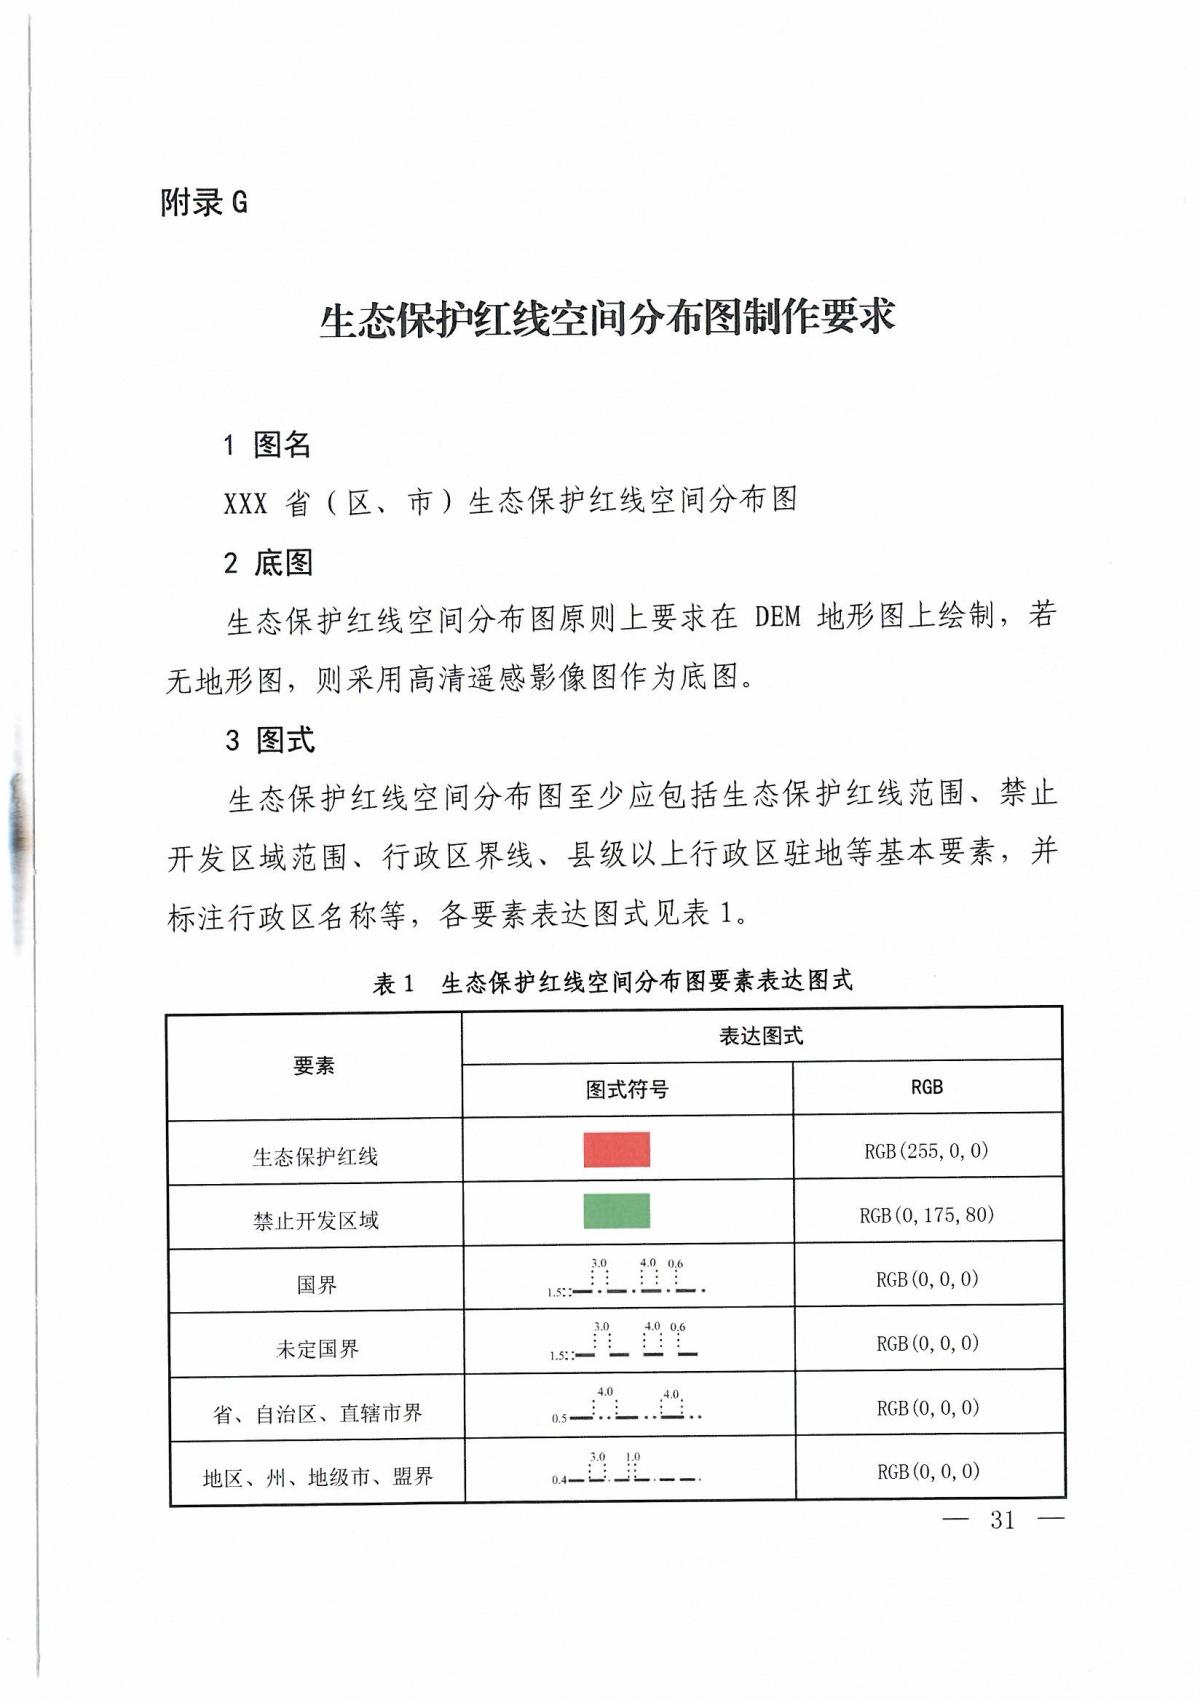 生态保护红线勘界定标技术规程(201908)_页面_29.jpg